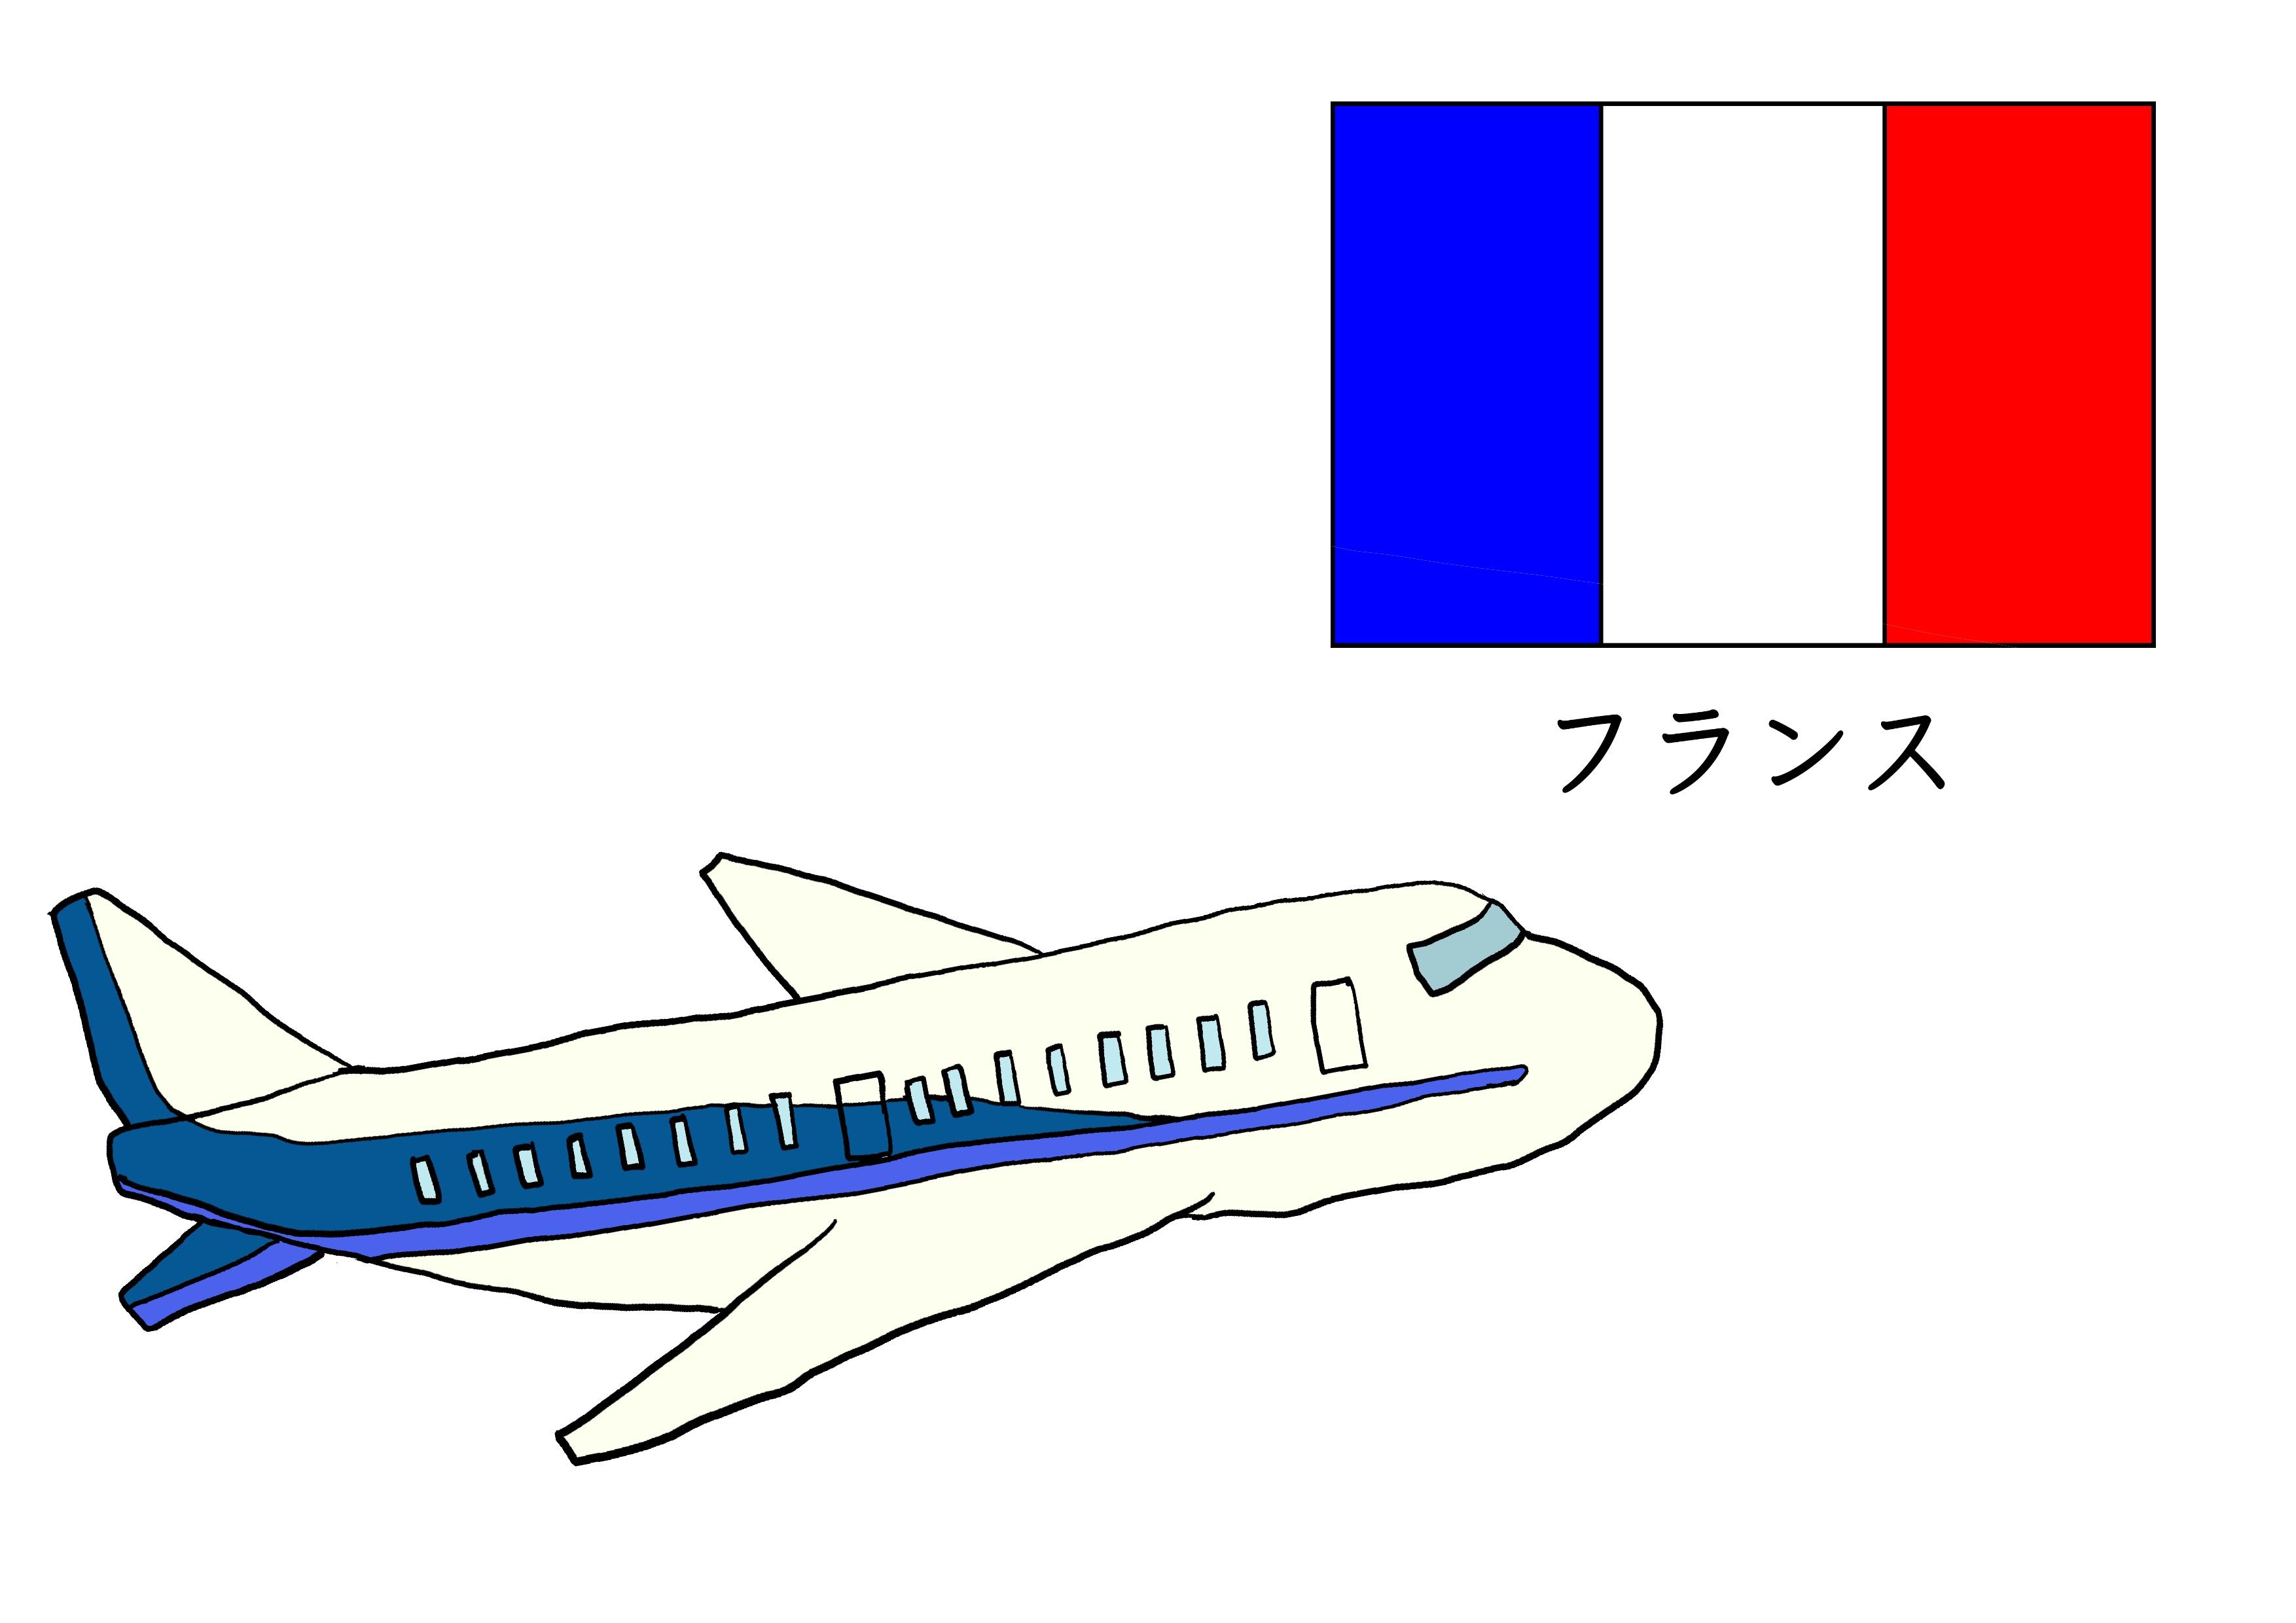 5課イラスト【飛行機でフランスへ行く】